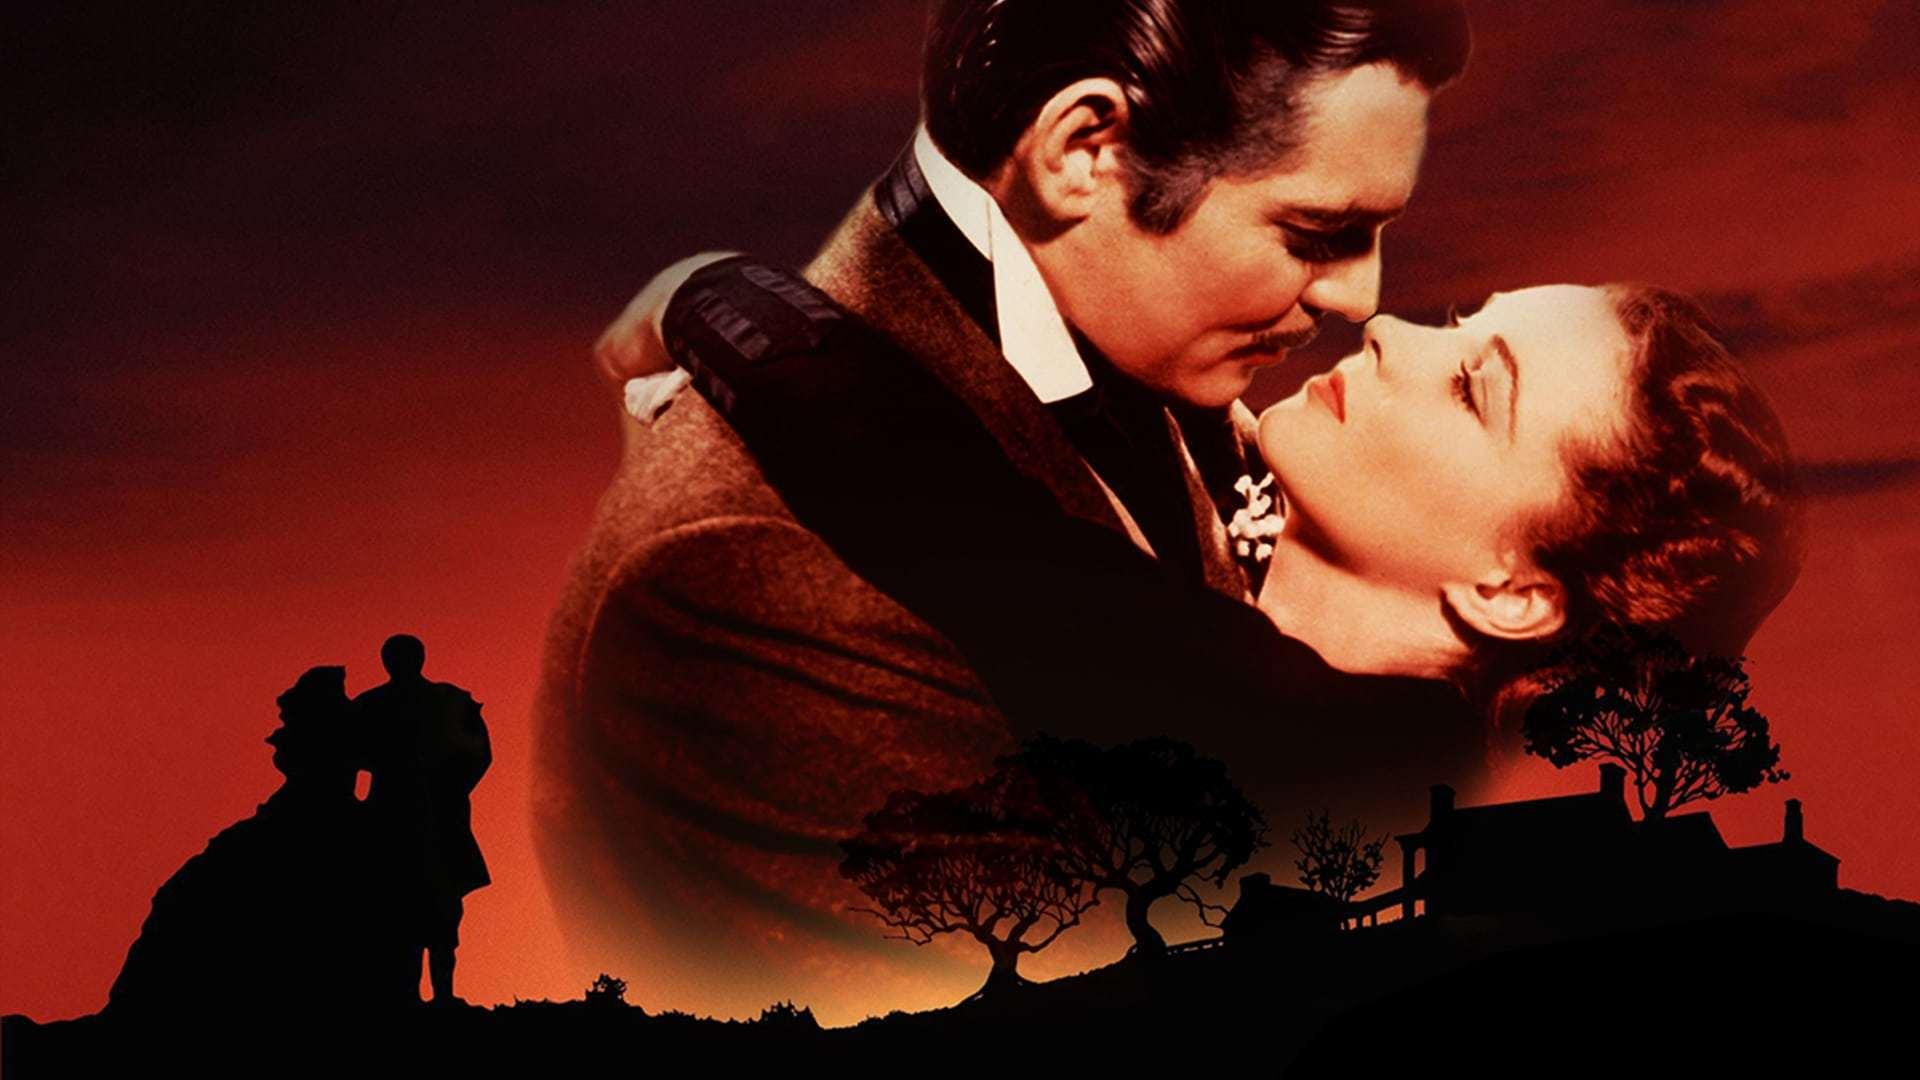 Кадры из фильма Унесенные ветром Gone with the Wind 1939